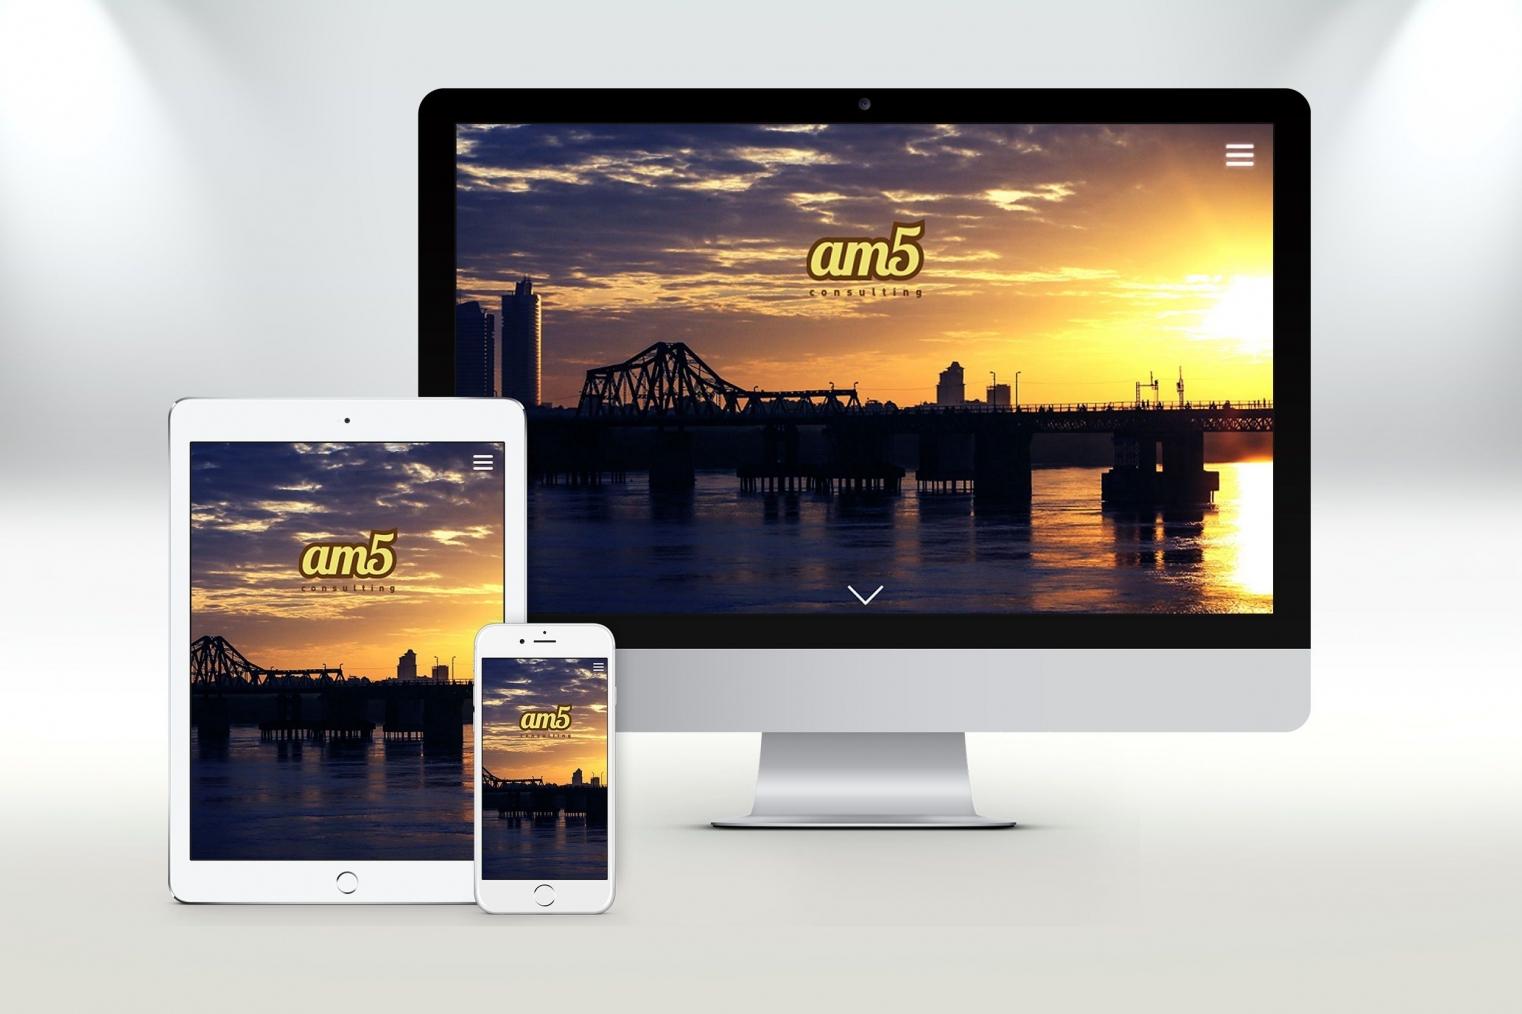 Thiết kế website giới thiệu công ty dạng landing page